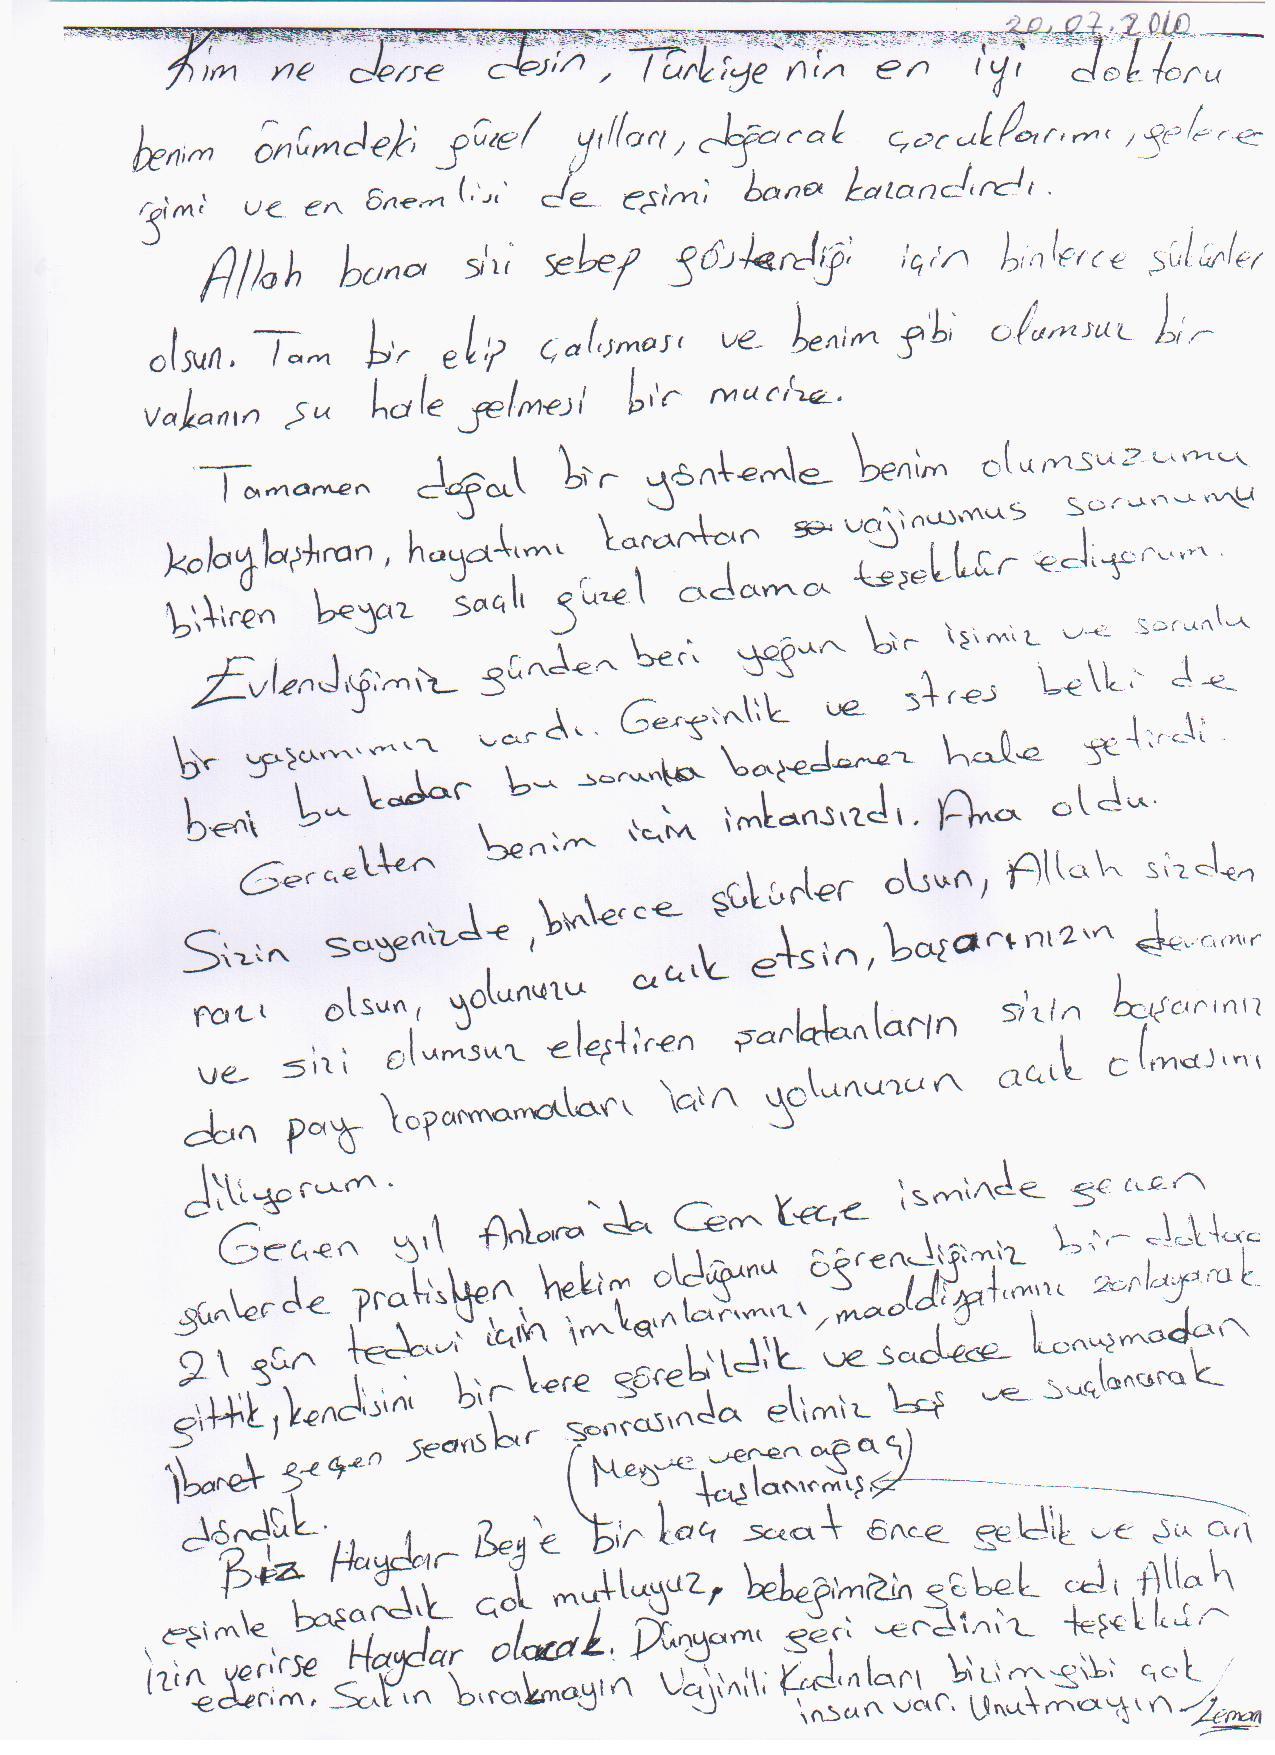 20.07.2010 Tarihli Mektup